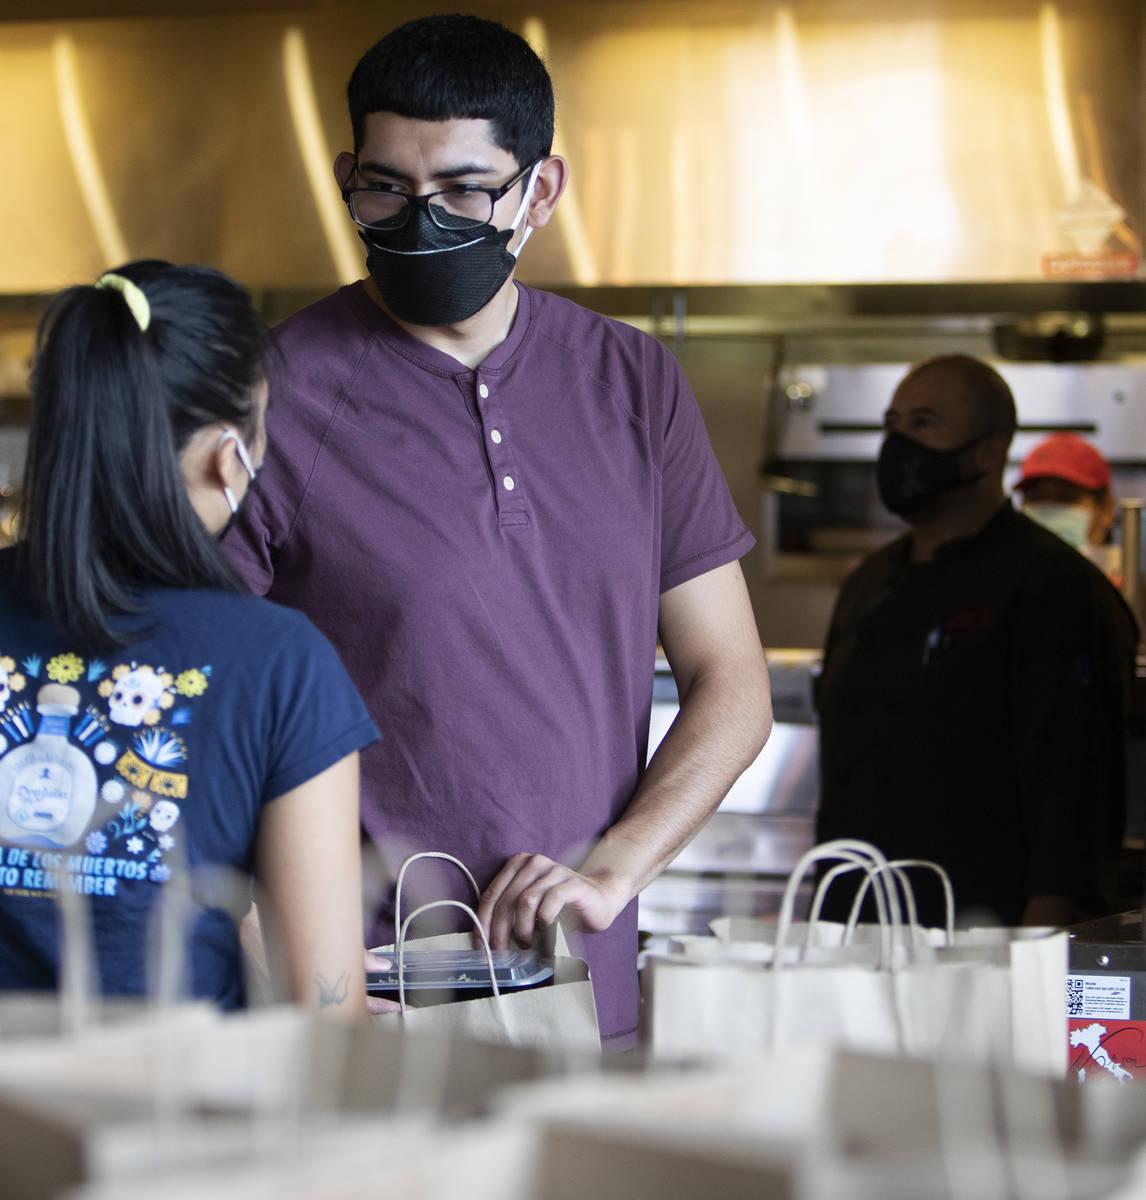 Anthony Campos habla con su compañera de trabajo Juliana Asa en Nora's Italian Cuisine el mié ...